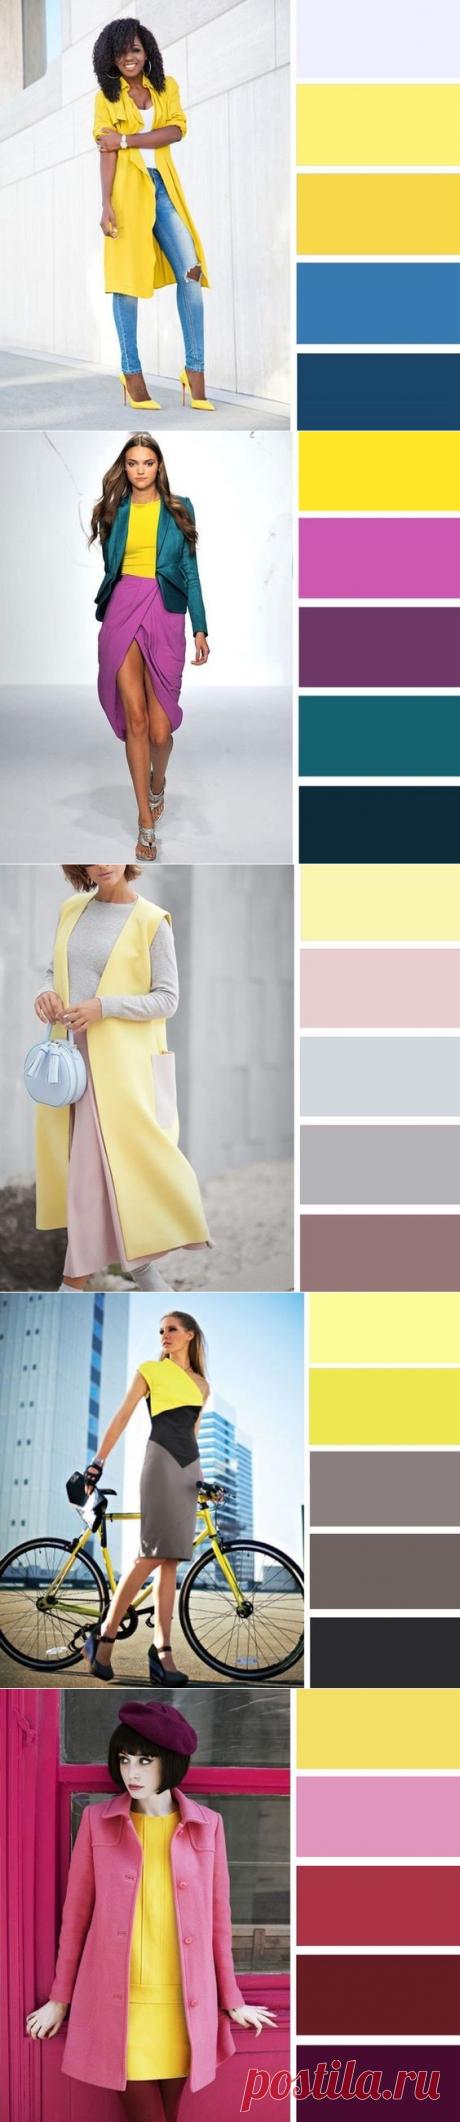 8 прекрасных сочетаний с жeлтым цветом